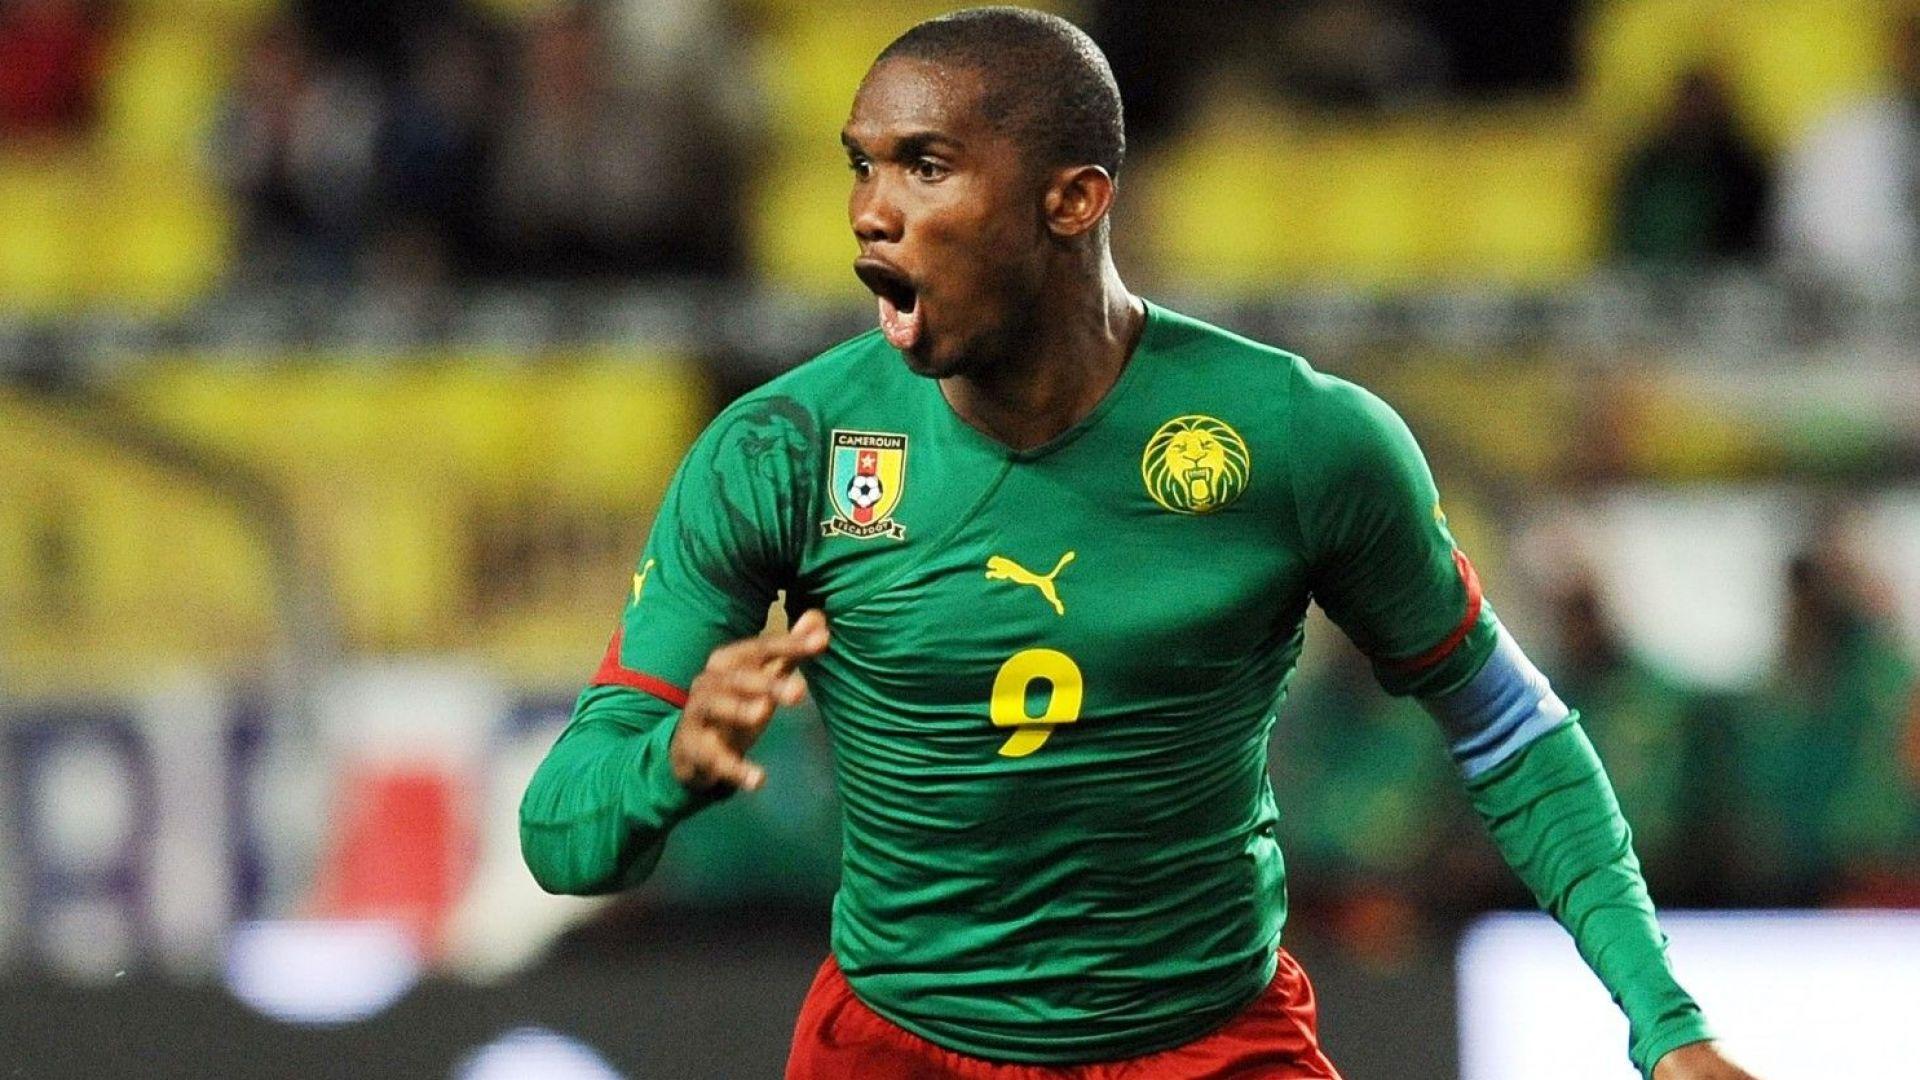 Африканска легенда: Тъмнокожите се смятат за втора ръка във футбола